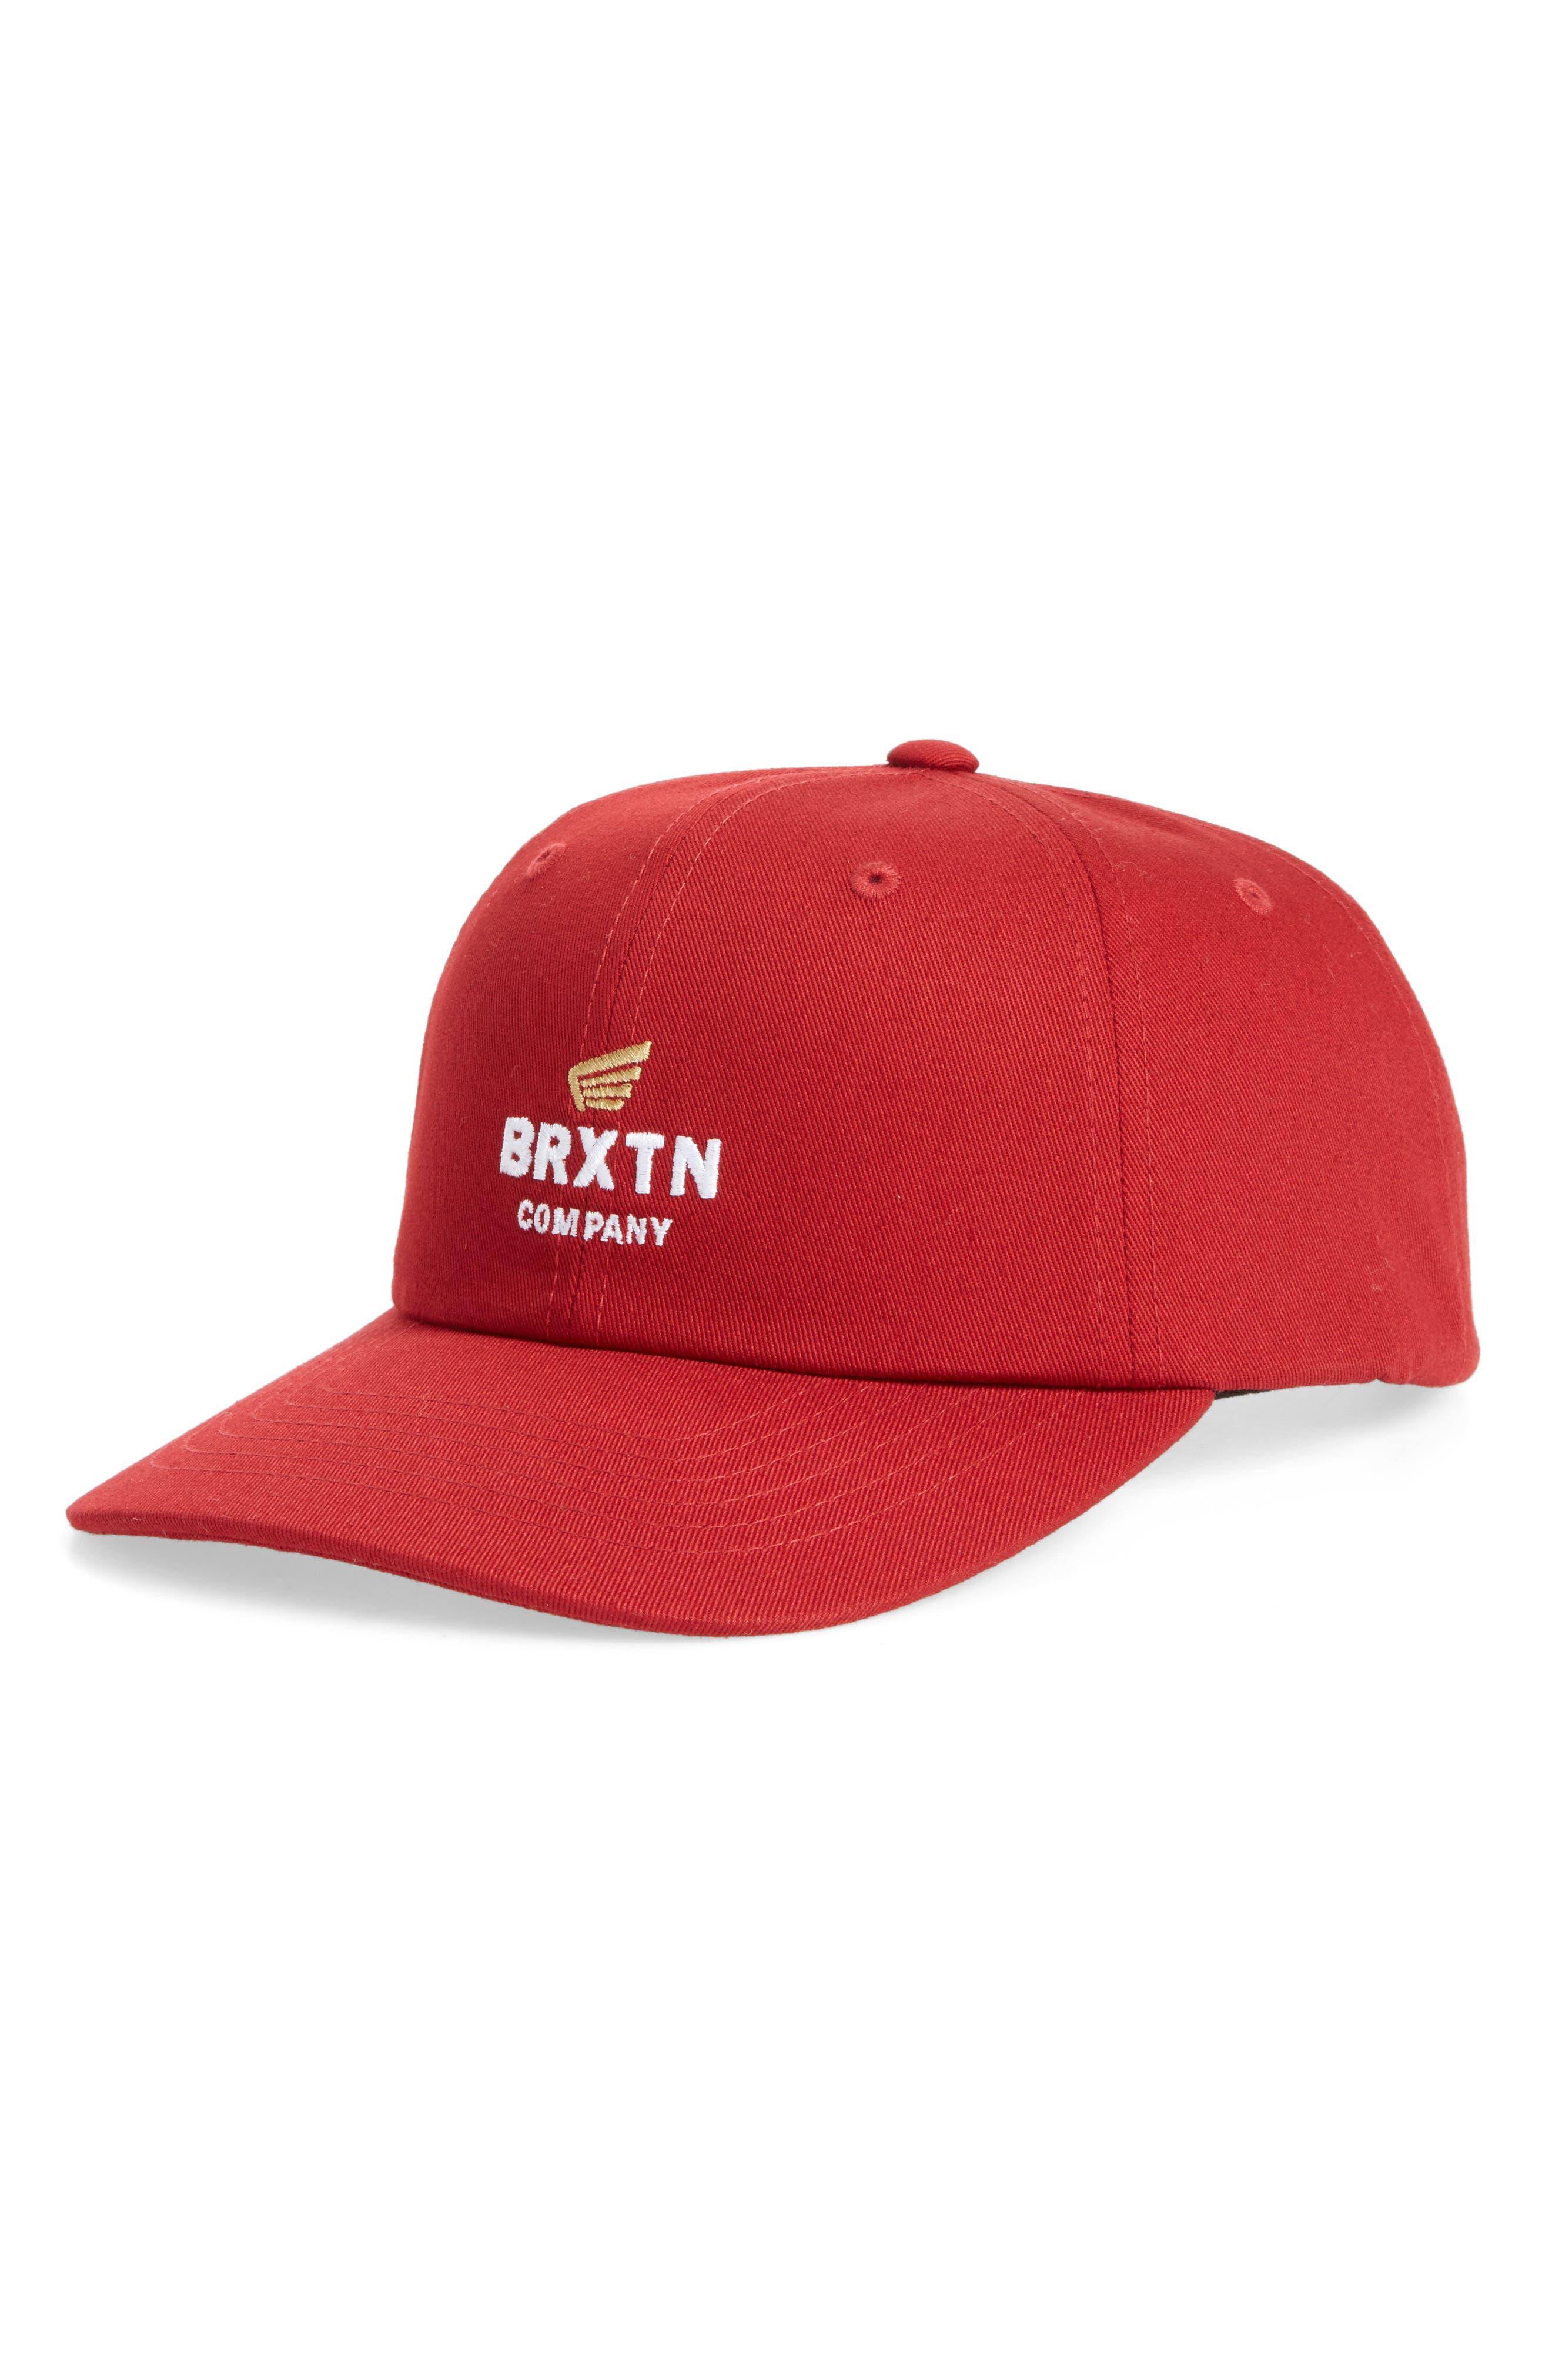 Peabody Ball Cap,                         Main,                         color, Dark Red